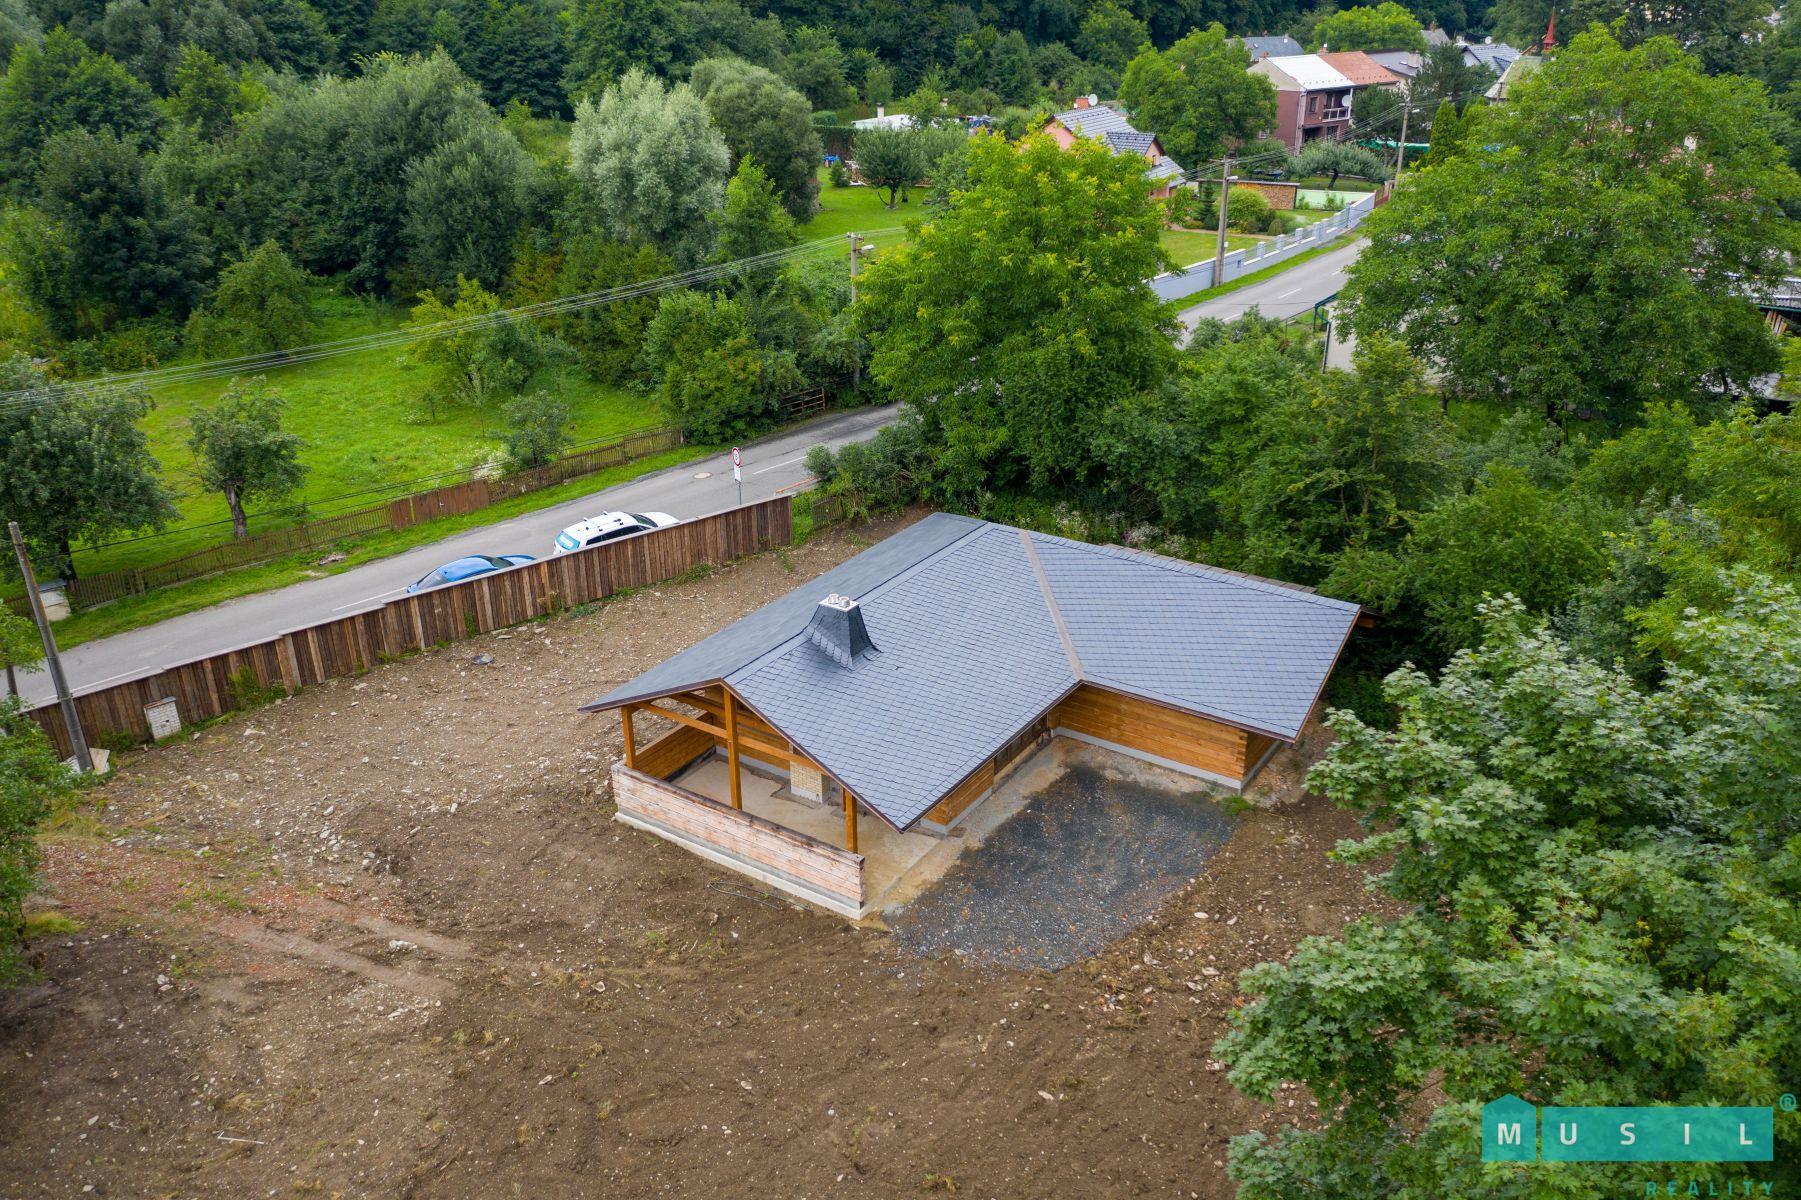 Prodej hrubé stavby rekreačního objektu v Dolním Žlebu u Šternberka.